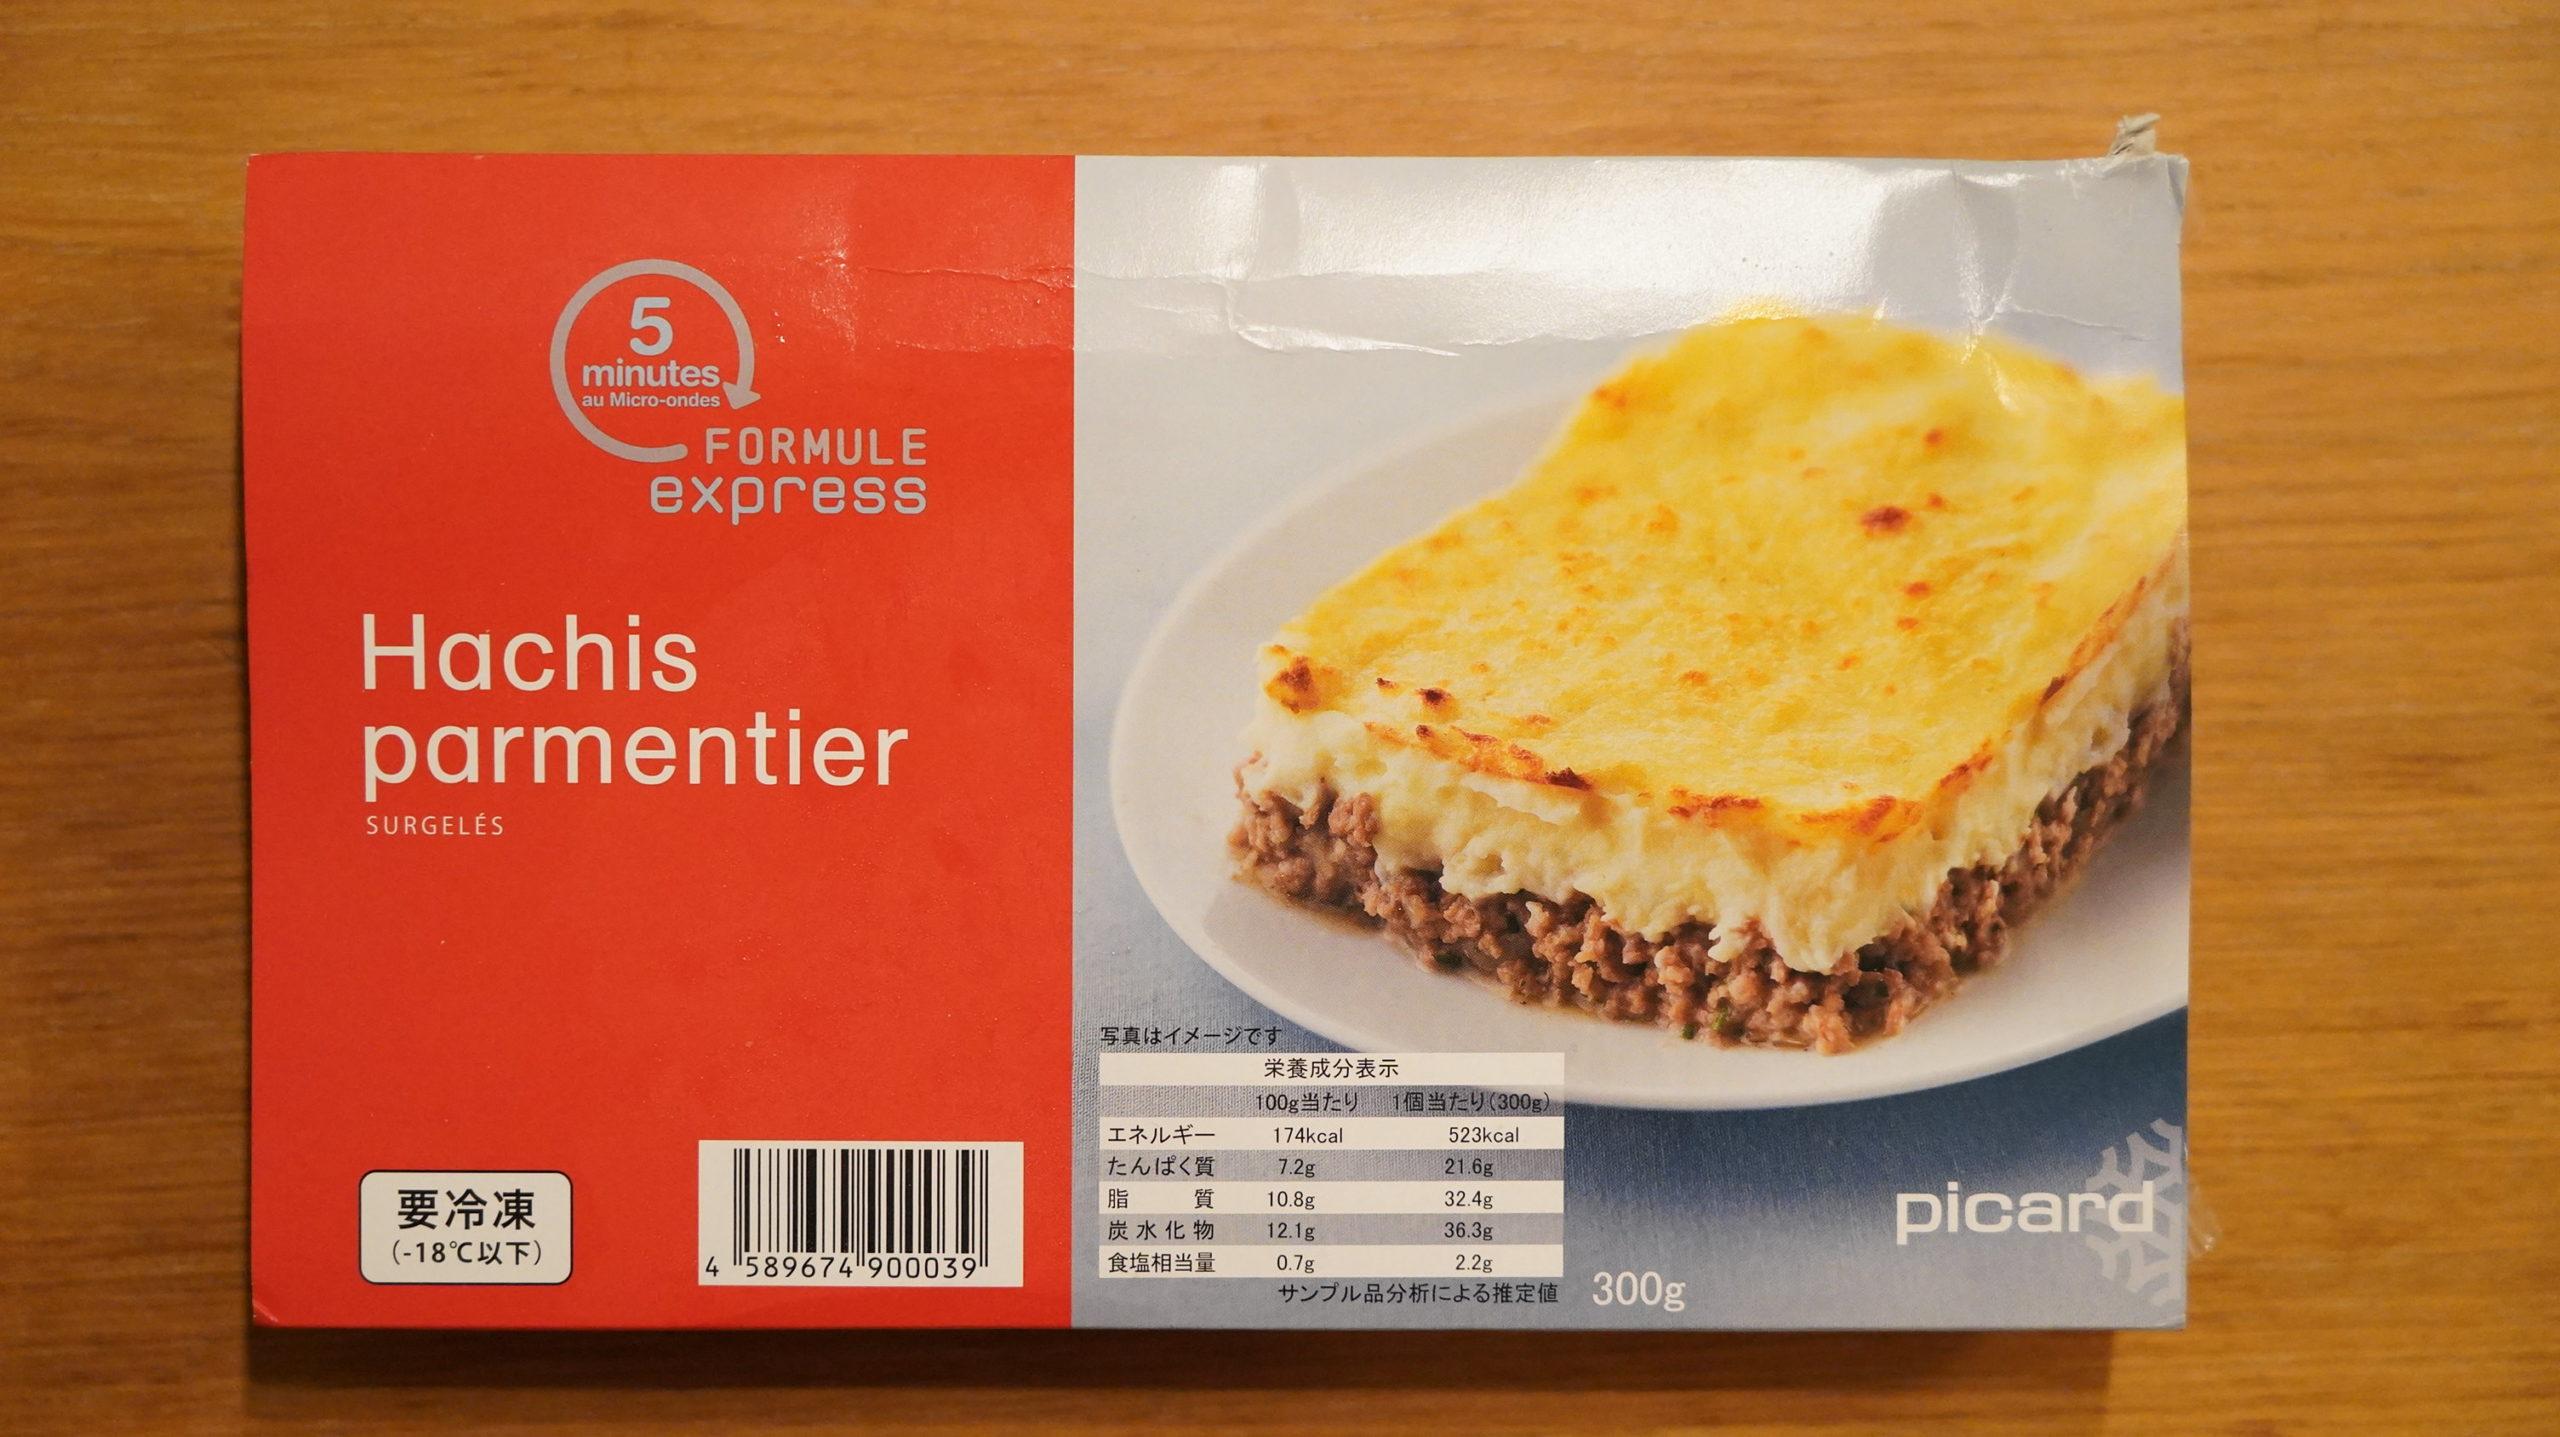 ピカールのおすすめ冷凍食品「牛ひき肉のパルマンティエ」のパッケージ写真